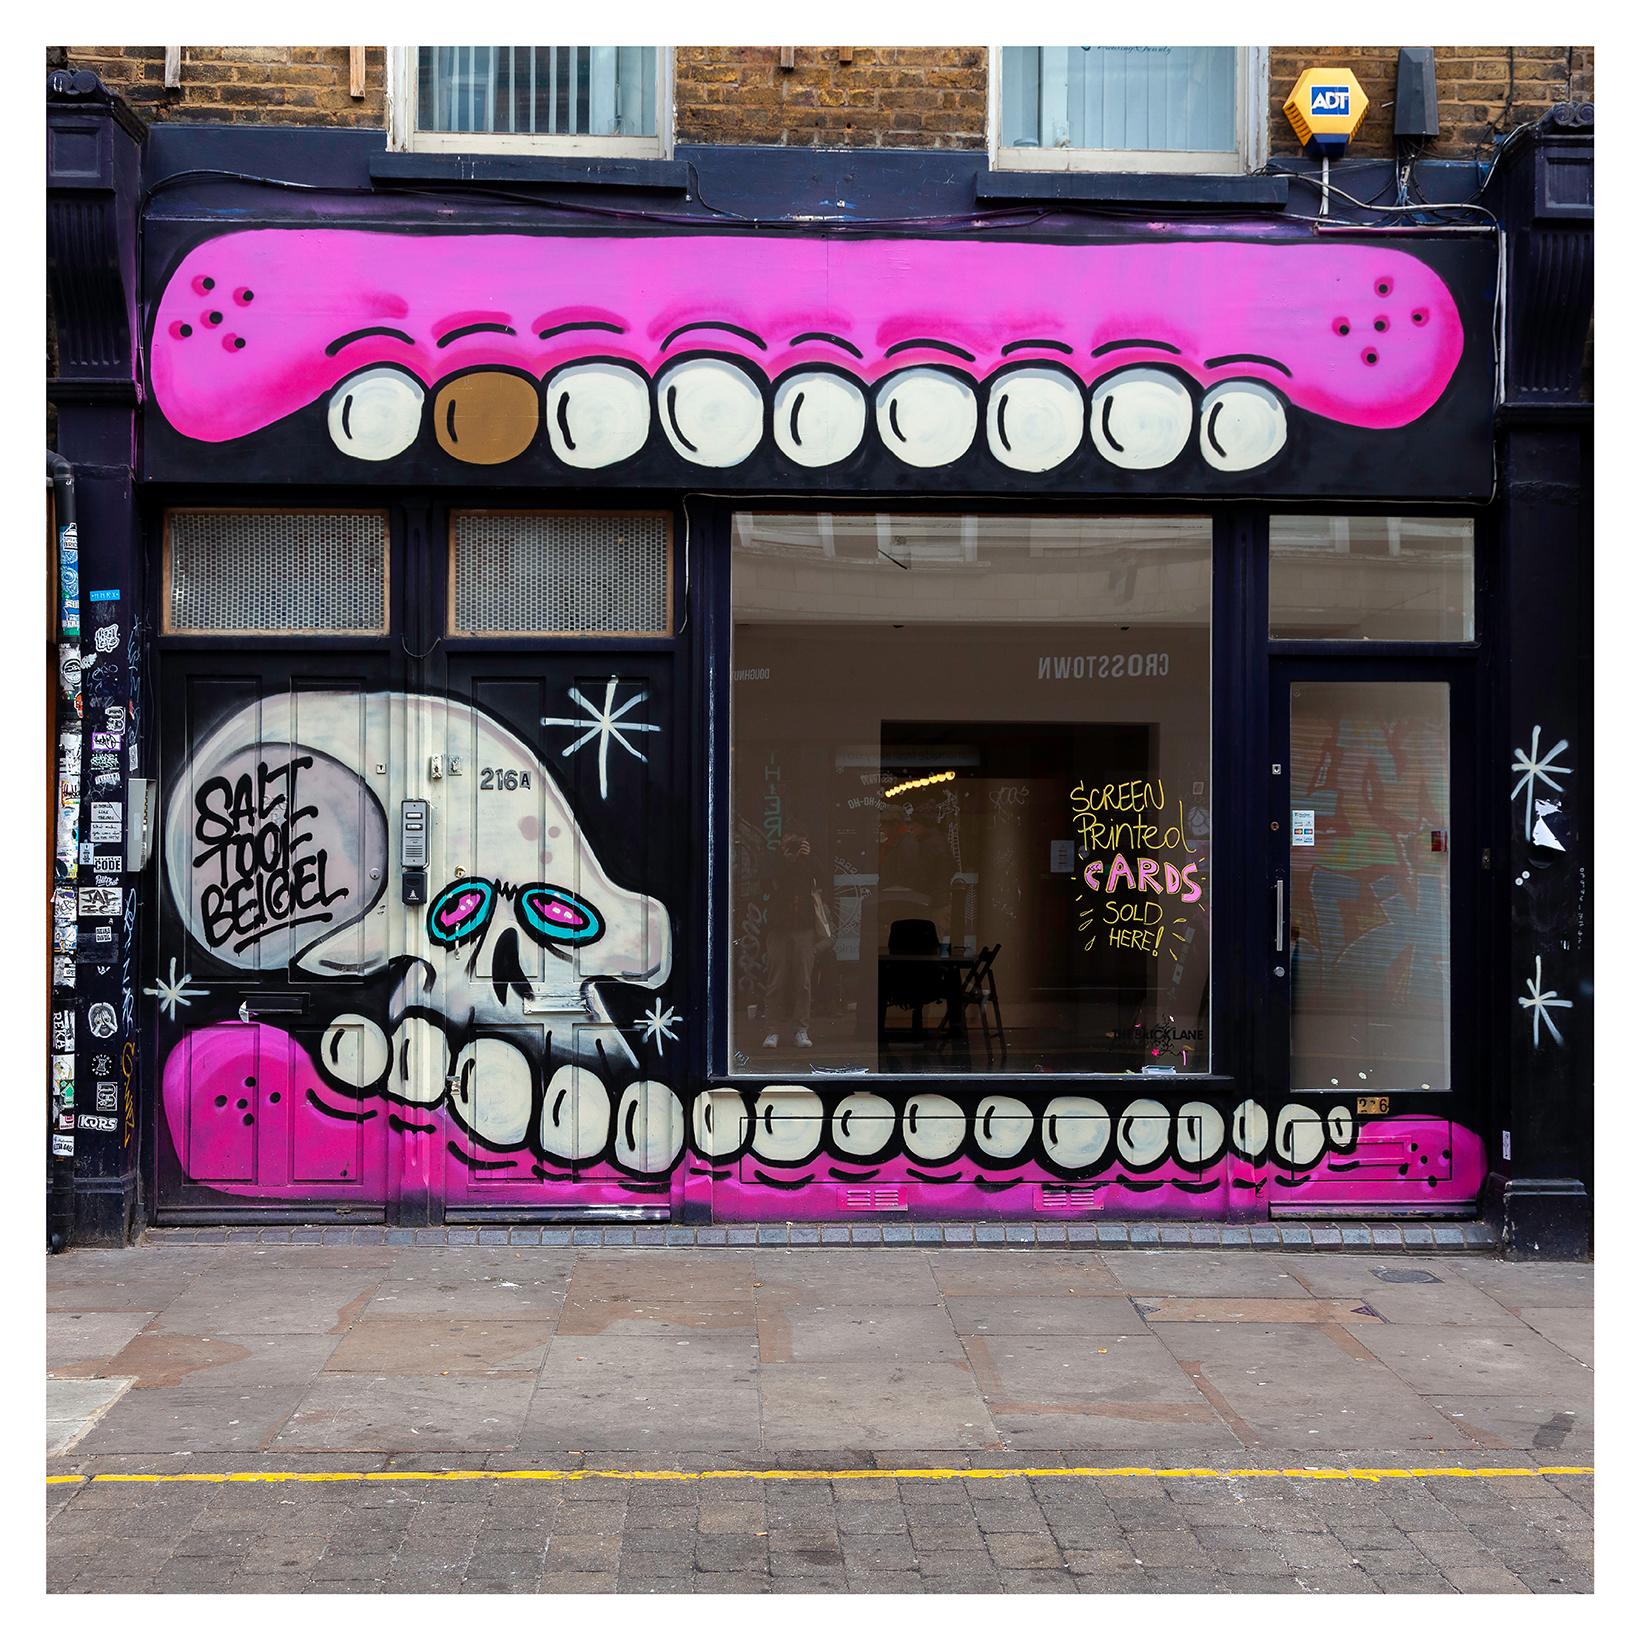 Sweet Toof, Street Art Mural on Brick Lane by artist Sweet Toof